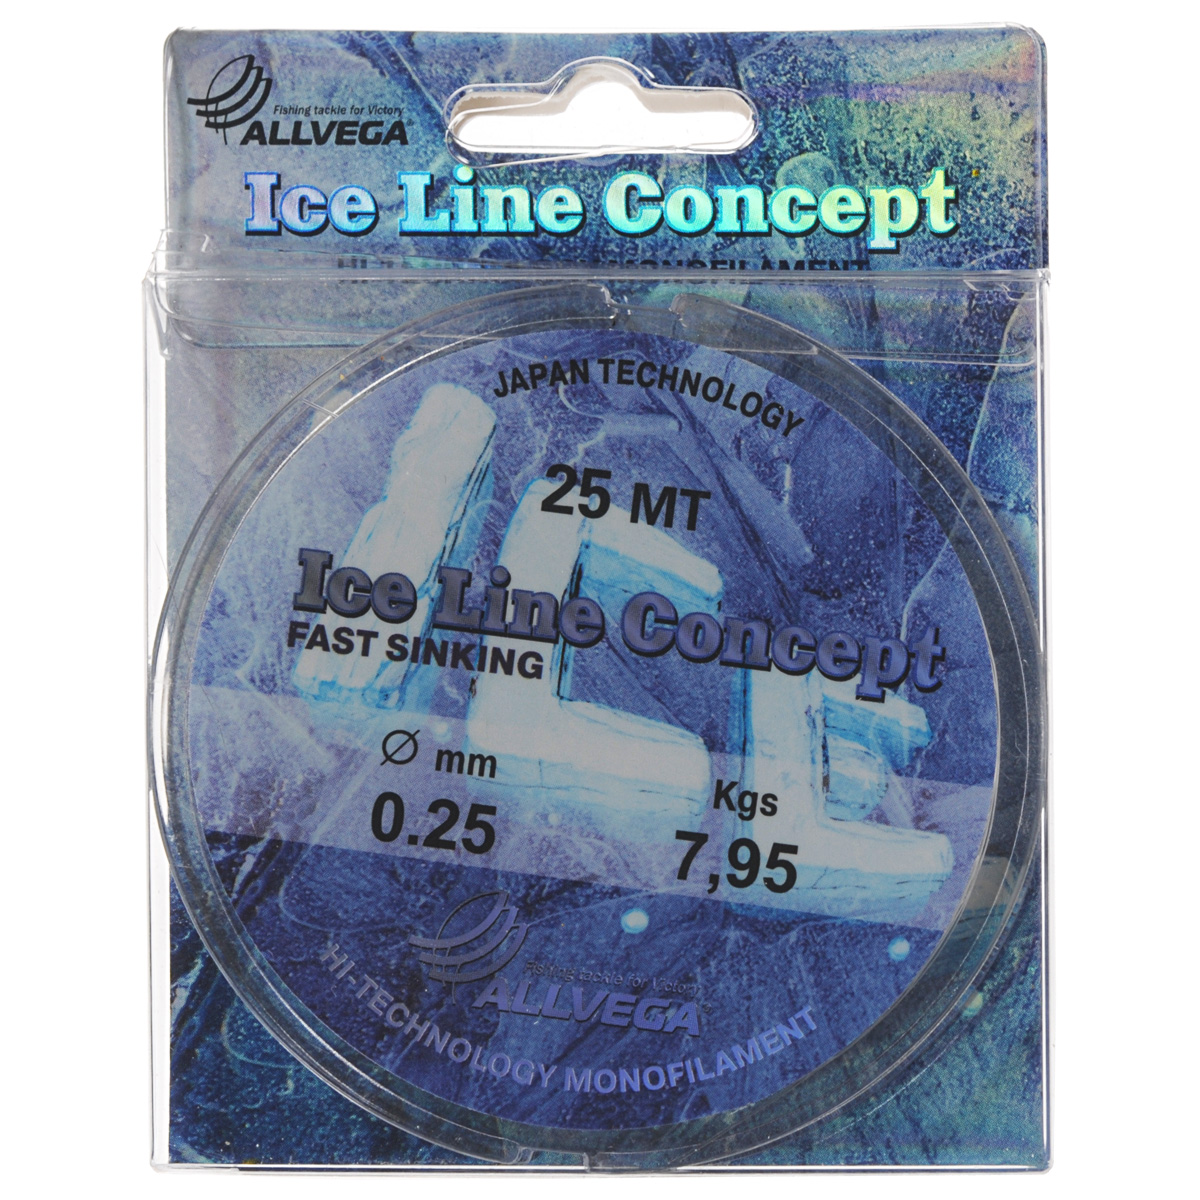 Леска Allvega Ice Line Concept, сечение 0,25 мм, длина 25 м36165Специальная зимняя леска Allvega Ice Line Concept для низких температур. Прозрачная и высокопрочная. Отсутствие механической памяти, позволяет с успехом использовать ее для ловли на мормышку.